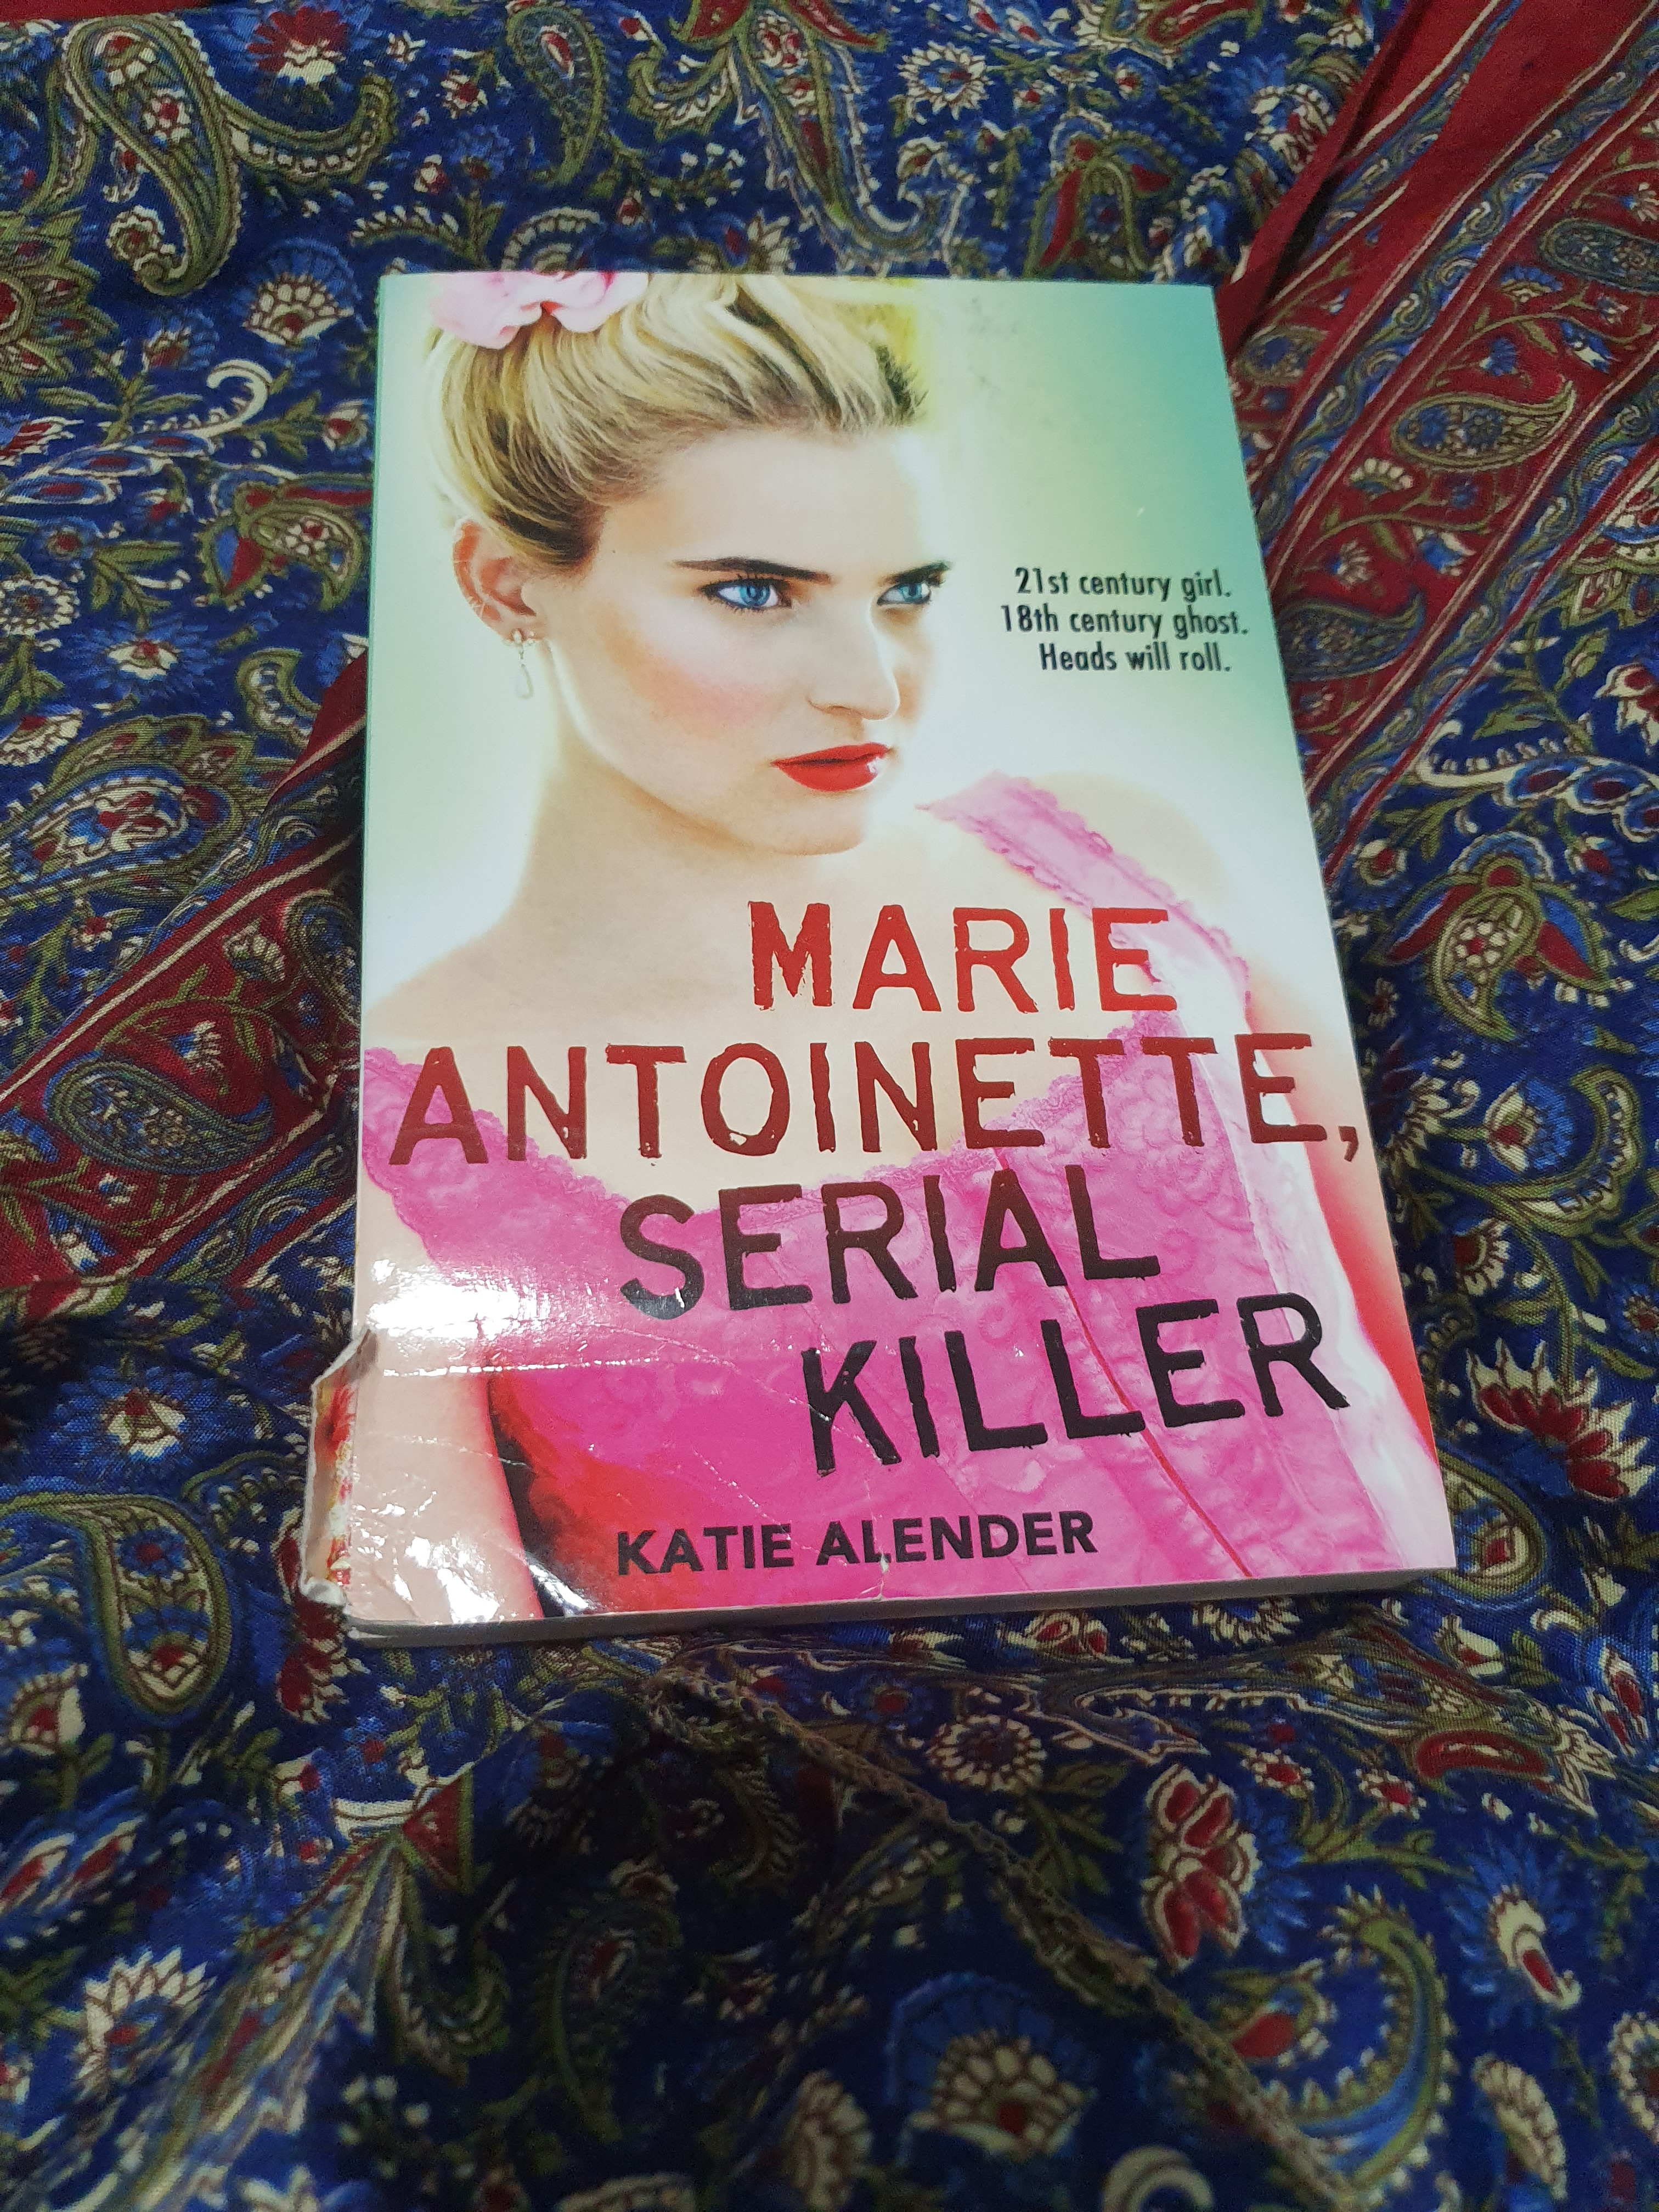 Marie Antoinette, Serial Killer by Katie Alender